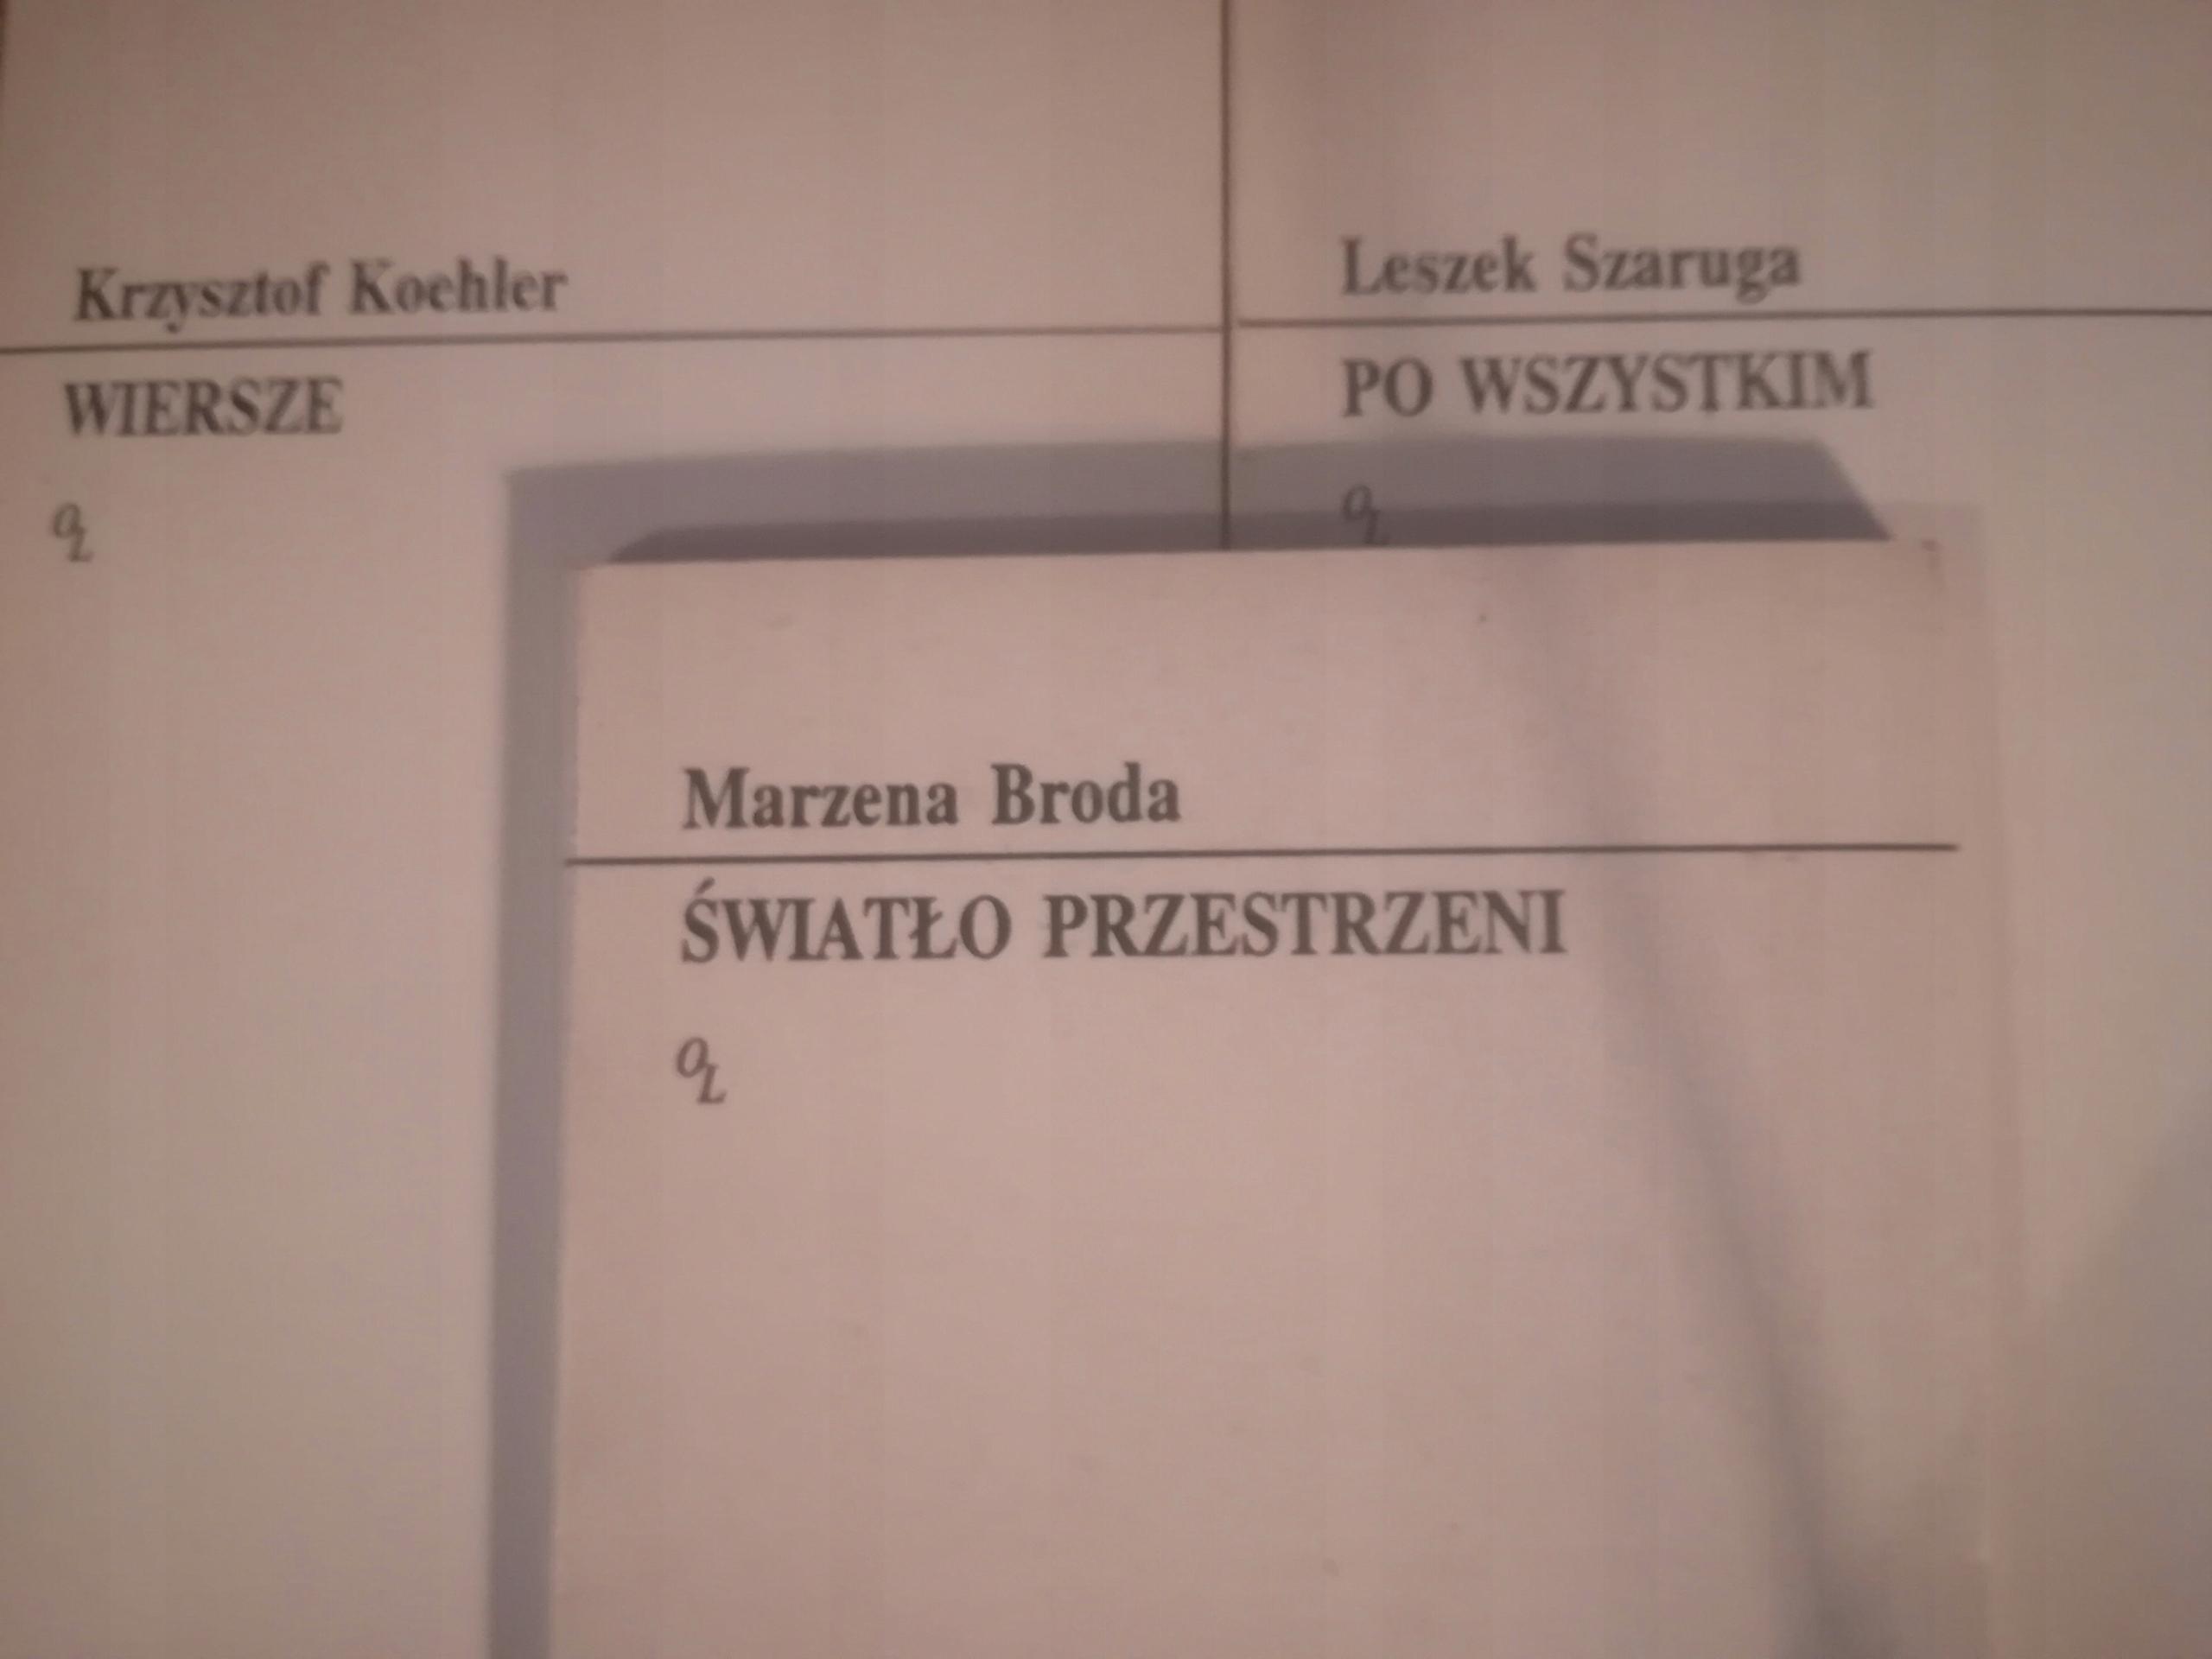 Oficyna Literacka Wiersze X3 Koehler Szaruga Broda